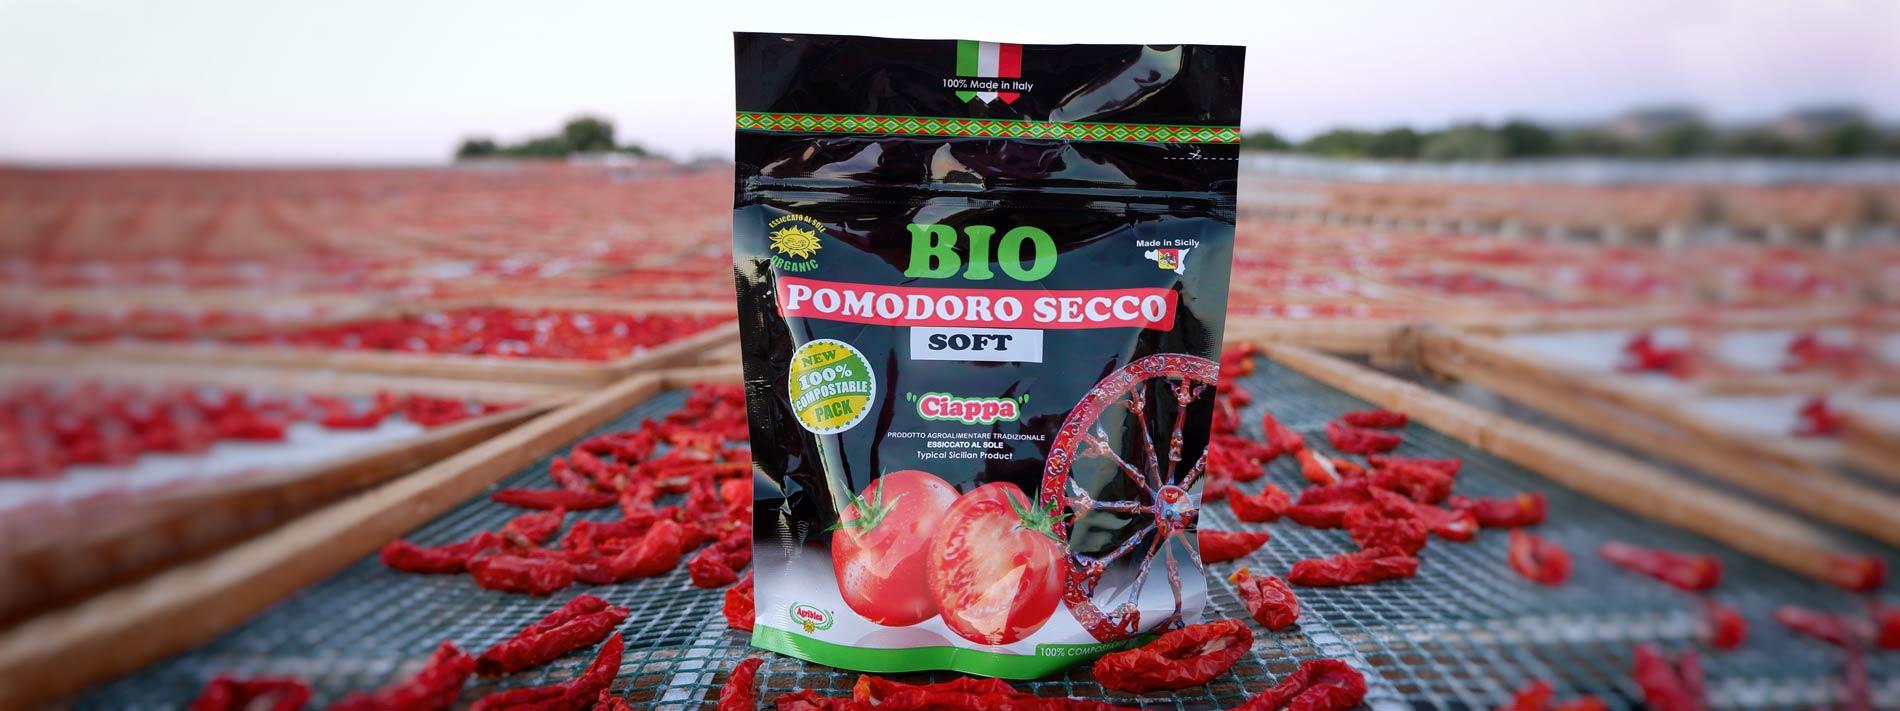 Pomodori Bio di Sicilia essiccati al sole - gamma prodotti compostabili